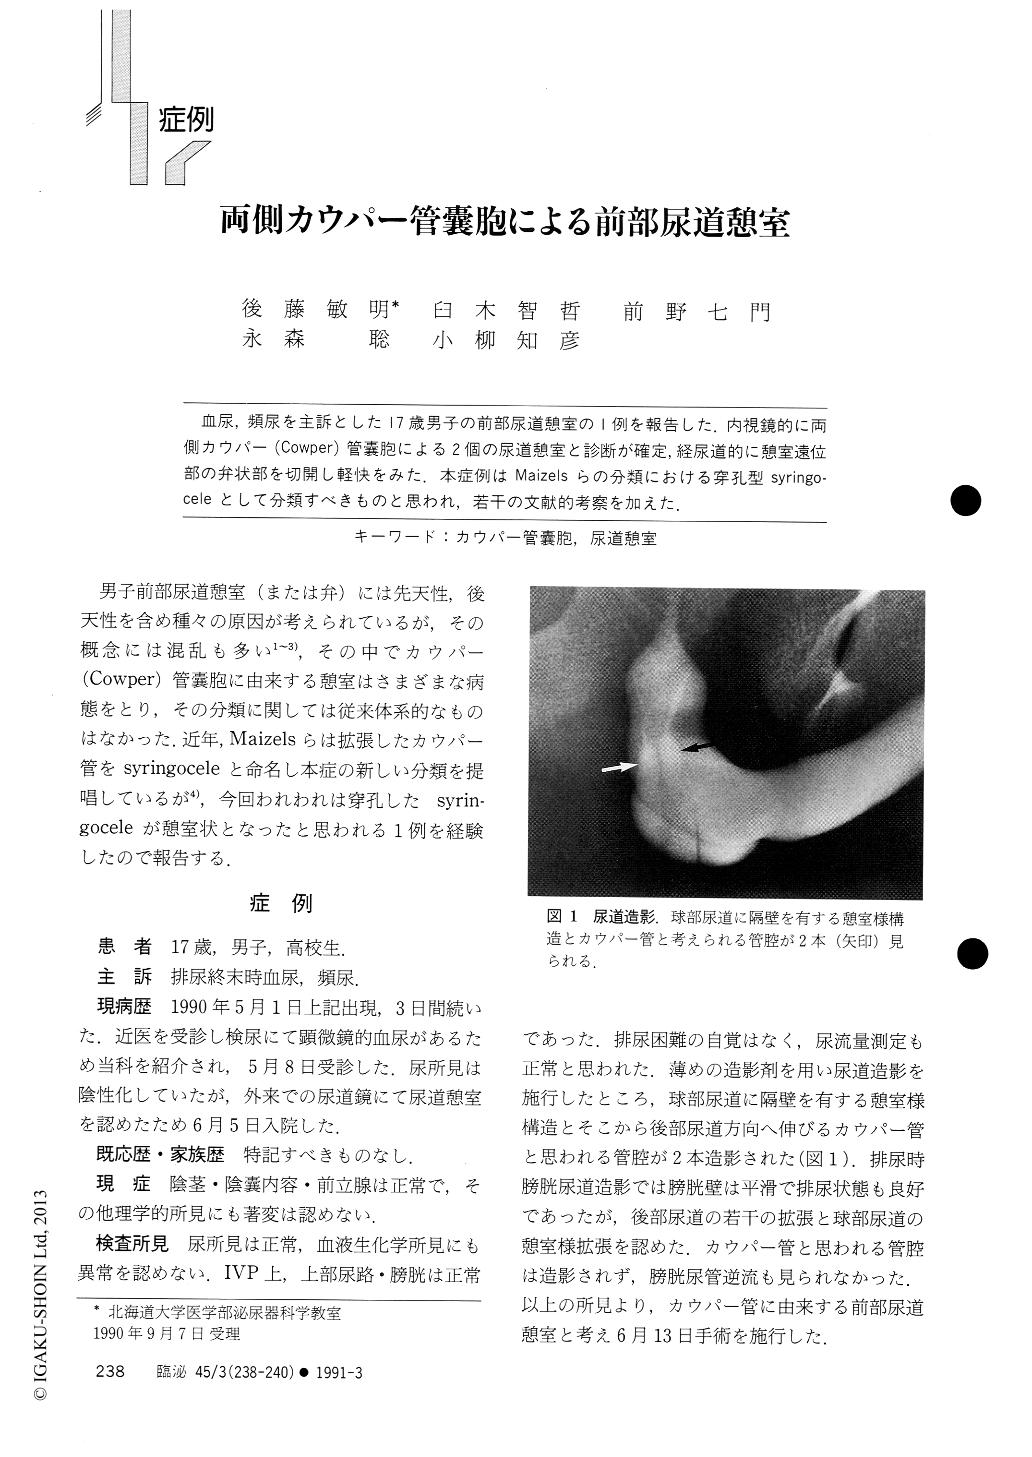 カウパー 腺 嚢胞